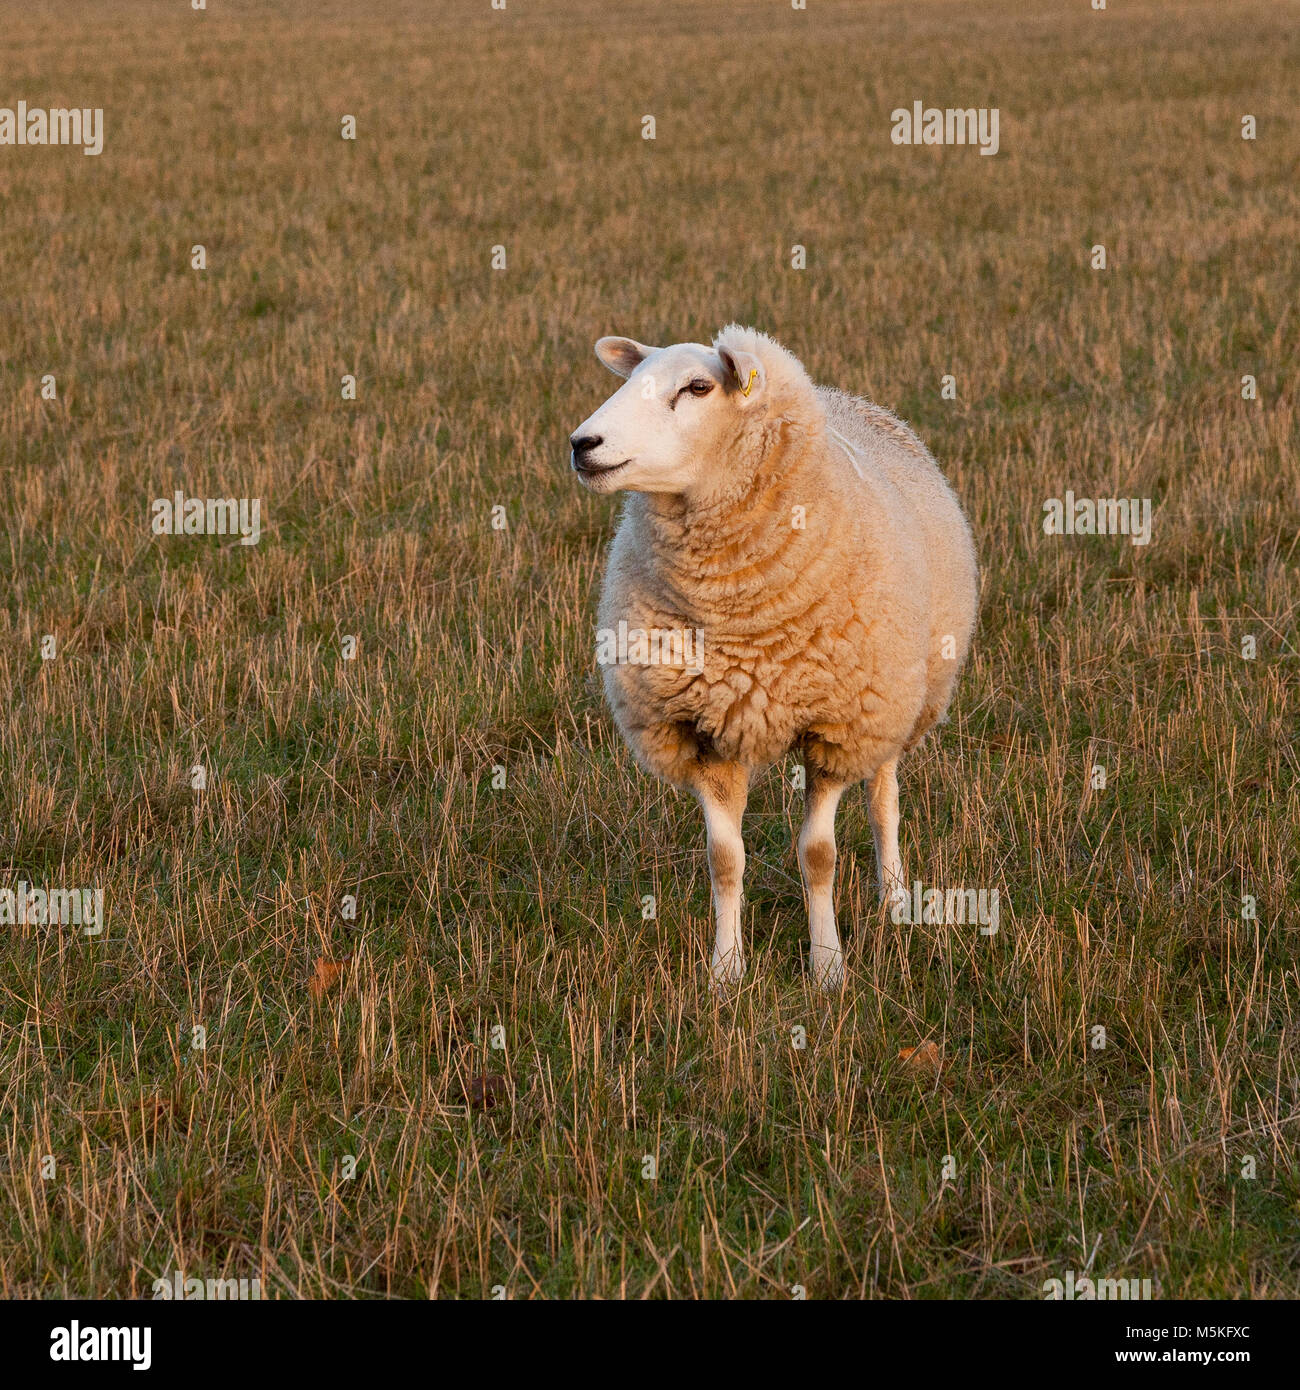 Una oveja blanca de pie en un campo de hierba Foto de stock